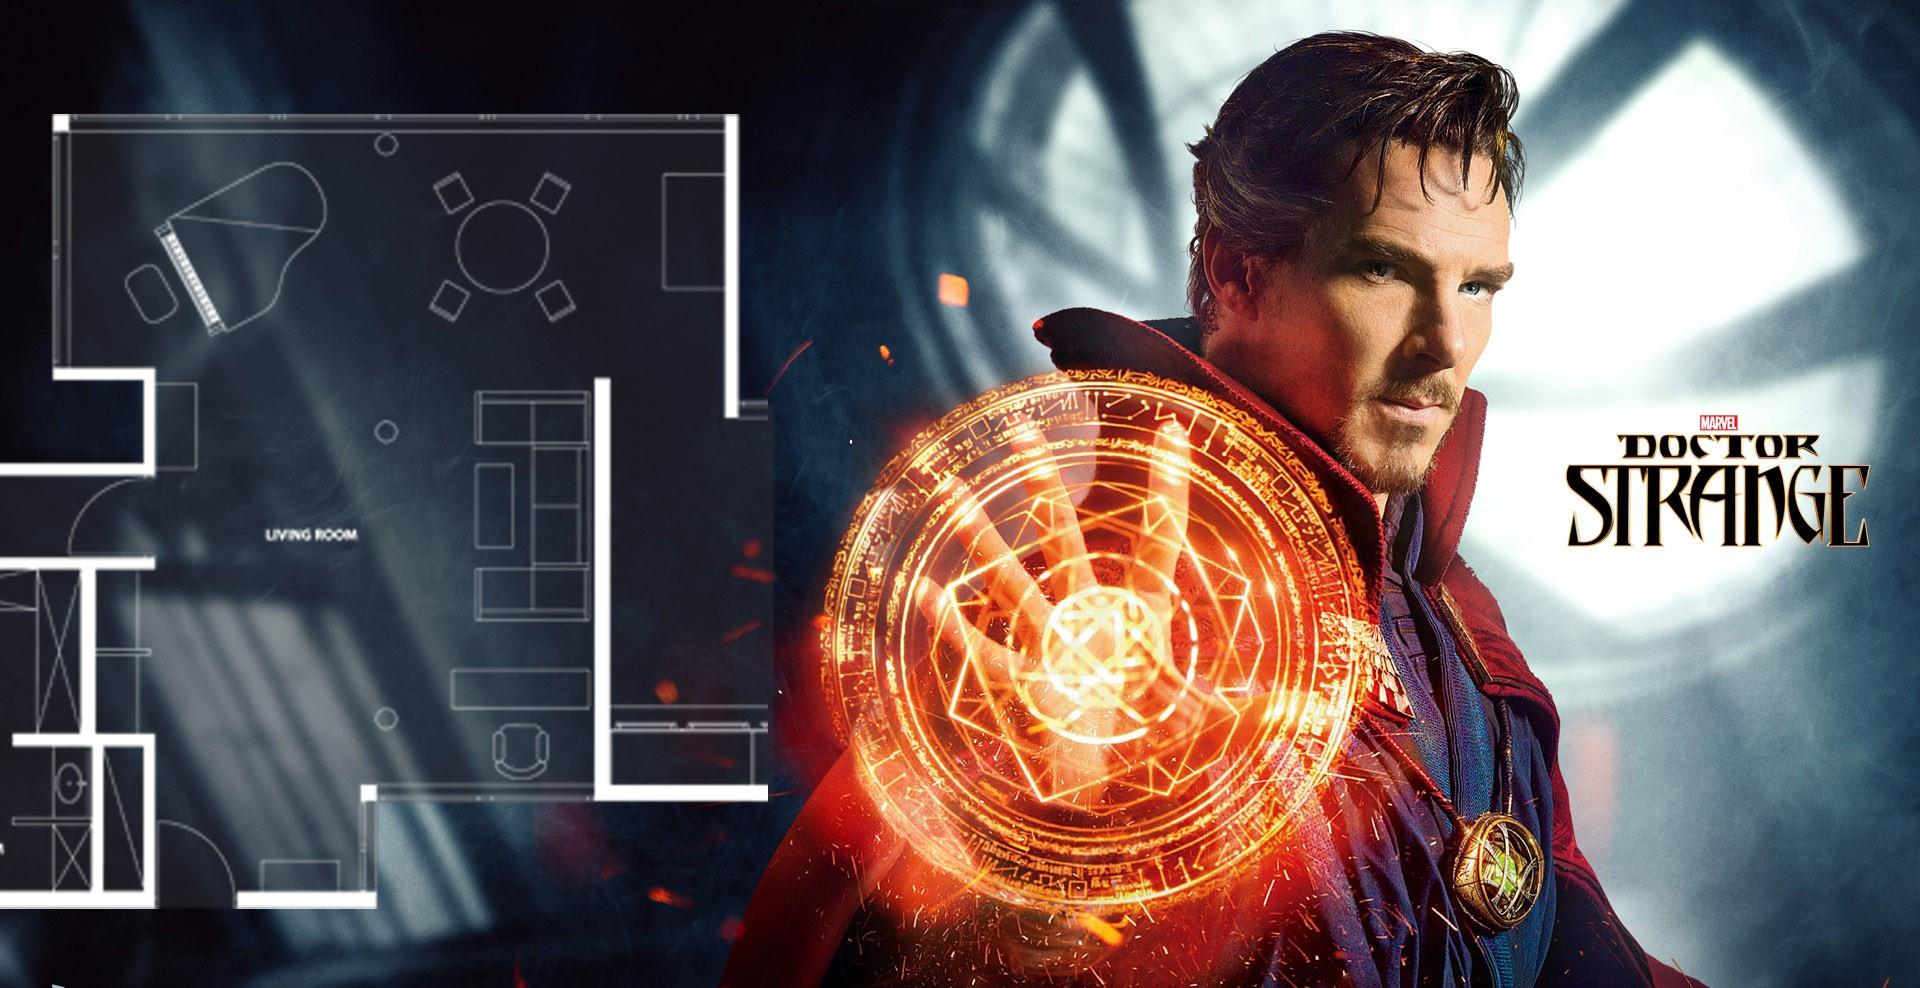 [超級英雄系列] 奇異博士Doctor Strange 家居的室內設計風格